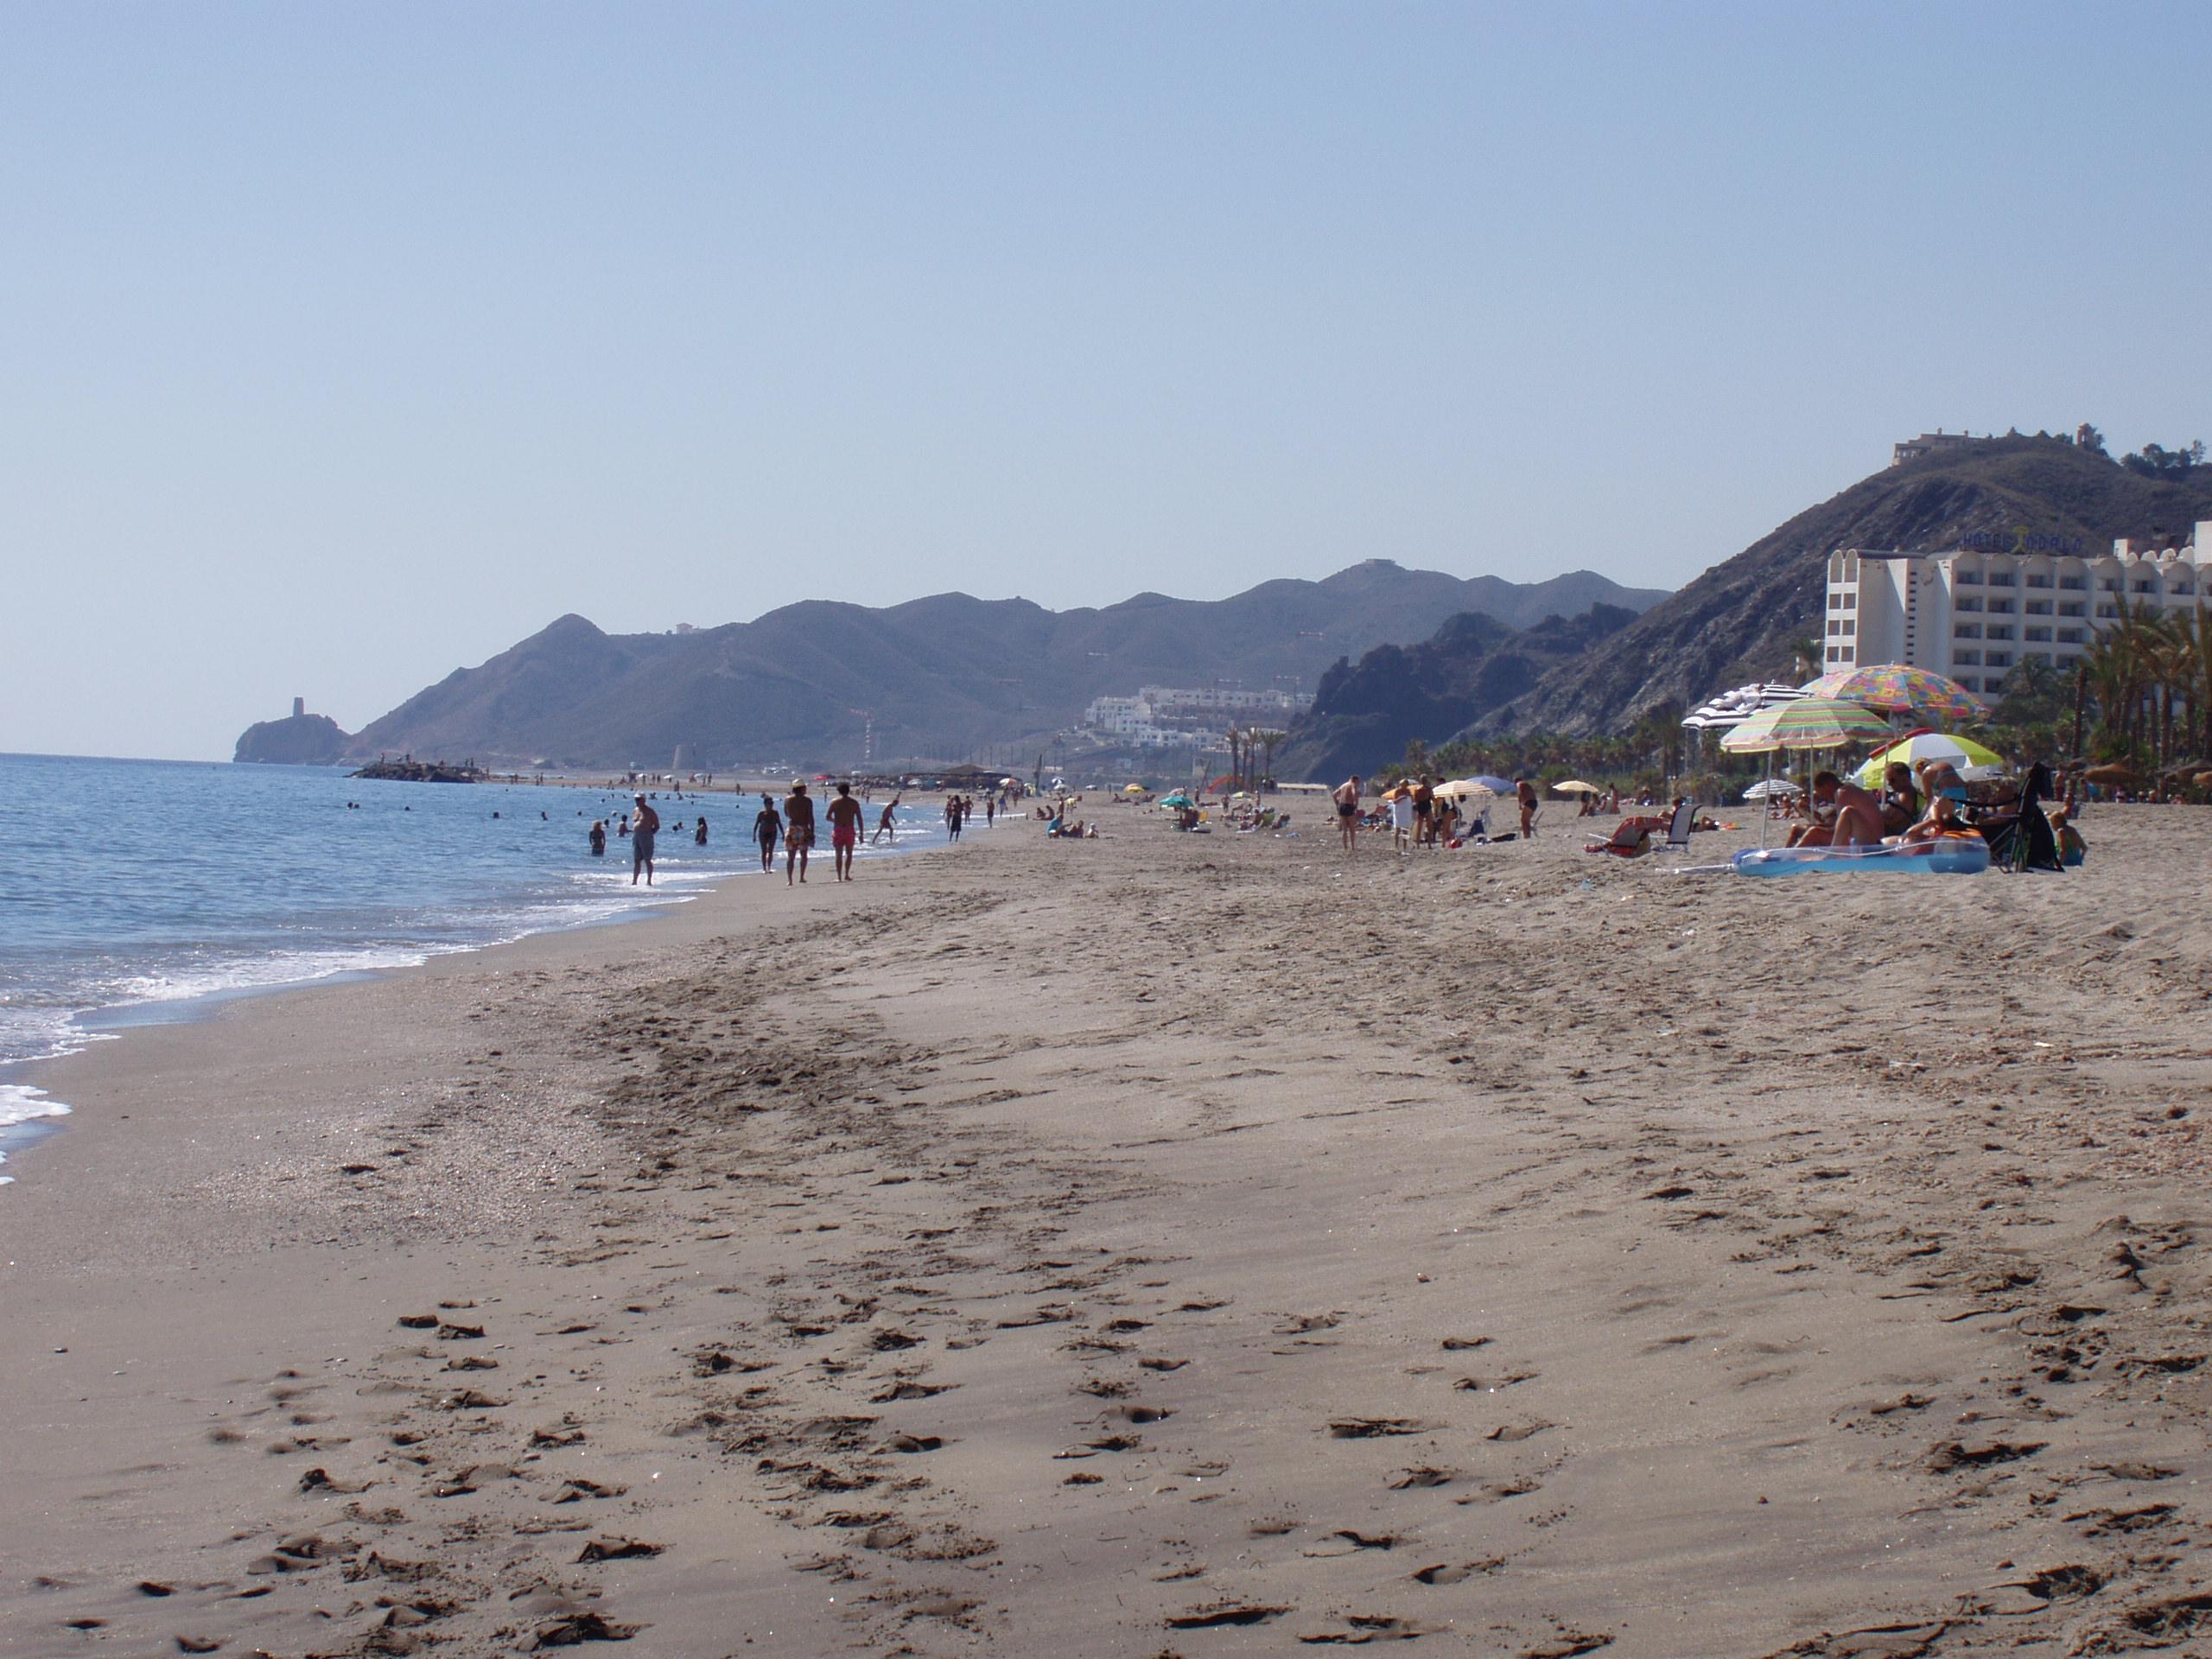 Ferienwohnung 3 Schlafzimmer Wohnung zu vermieten in Mojcar, Spanien (2388895), Mojacar, Costa de Almeria, Andalusien, Spanien, Bild 31